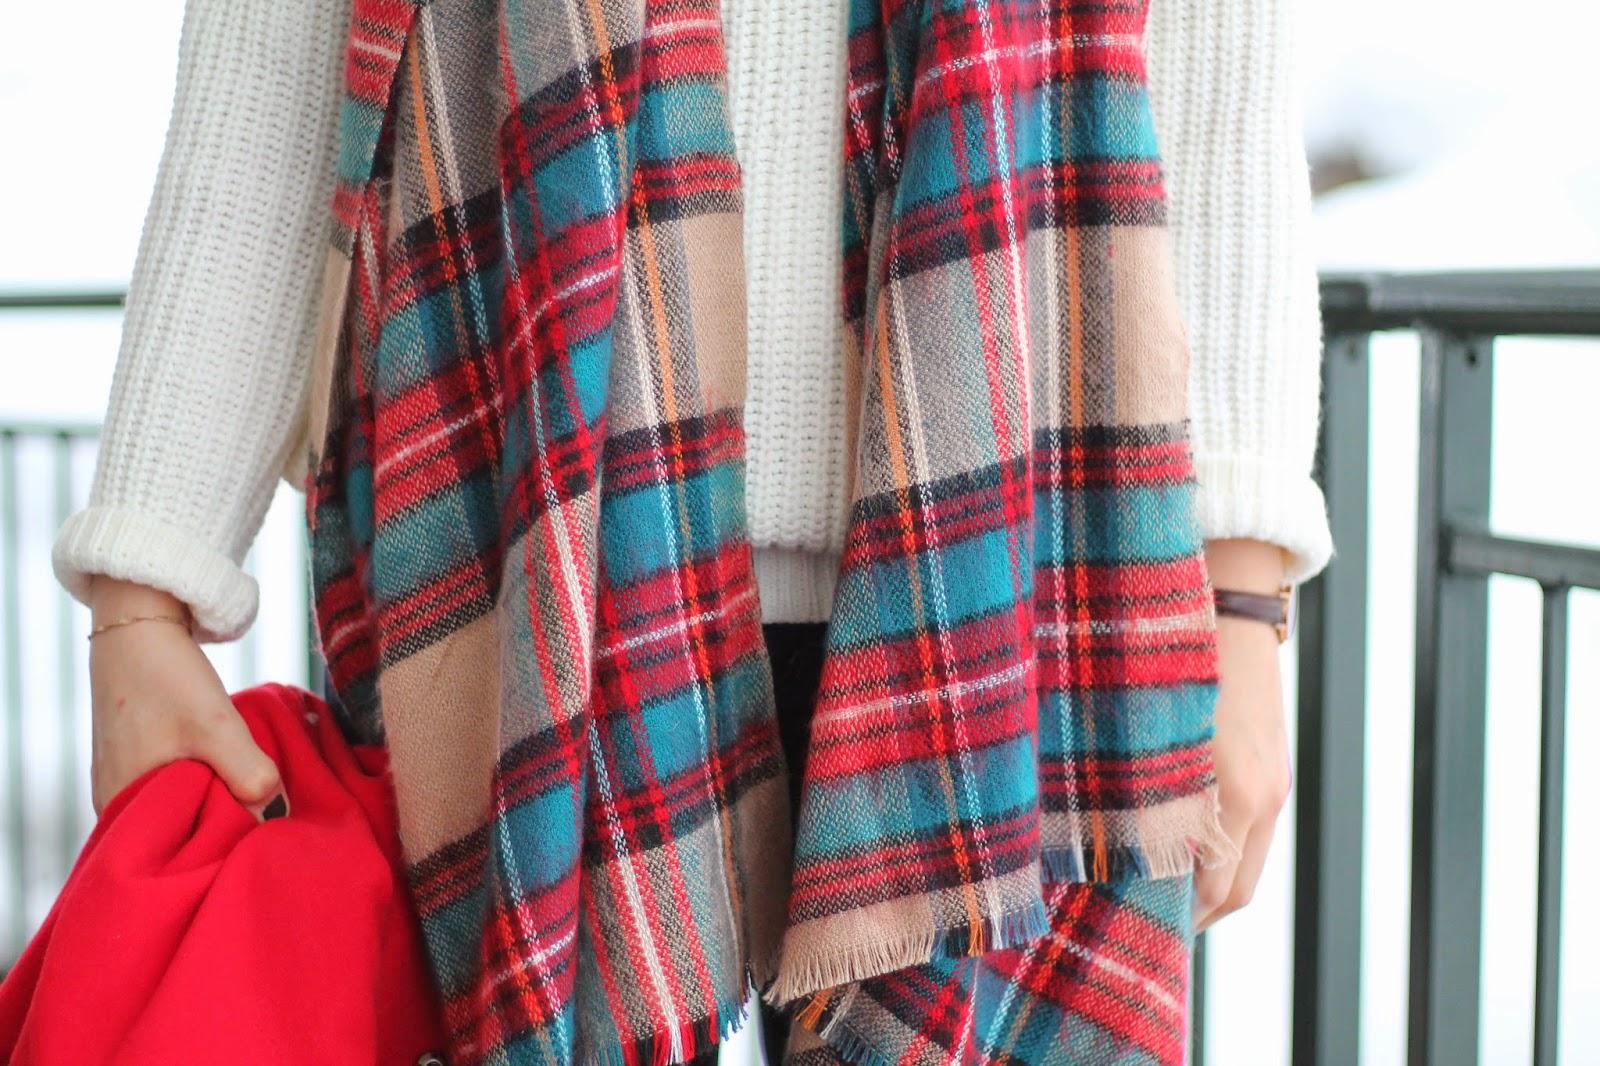 Fashionblogger Austria / Österreich / Deutsch / German / Kärnten / Carinthia / Klagenfurt / Köttmannsdorf / Classy / Edgy / Winter / Winter Style 2014 / Winter Look / Fashionista Look / Streetstyle Klagenfurt Vienna Wien Austria / Louis Vuitton Neverfull Monogramm / Red Coat Oasap / Scarf Schal Asos / Jeans Levis / Boots / How to Style Coats / Roter Mantel /  White Sweater Weißer Pullover Tally Weijl /